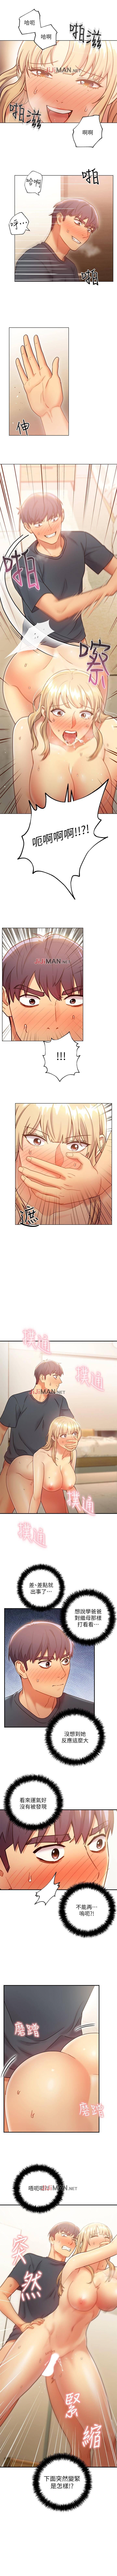 【周二连载】继母的朋友们(作者:Red-A&頸枕) 第1~39话 176